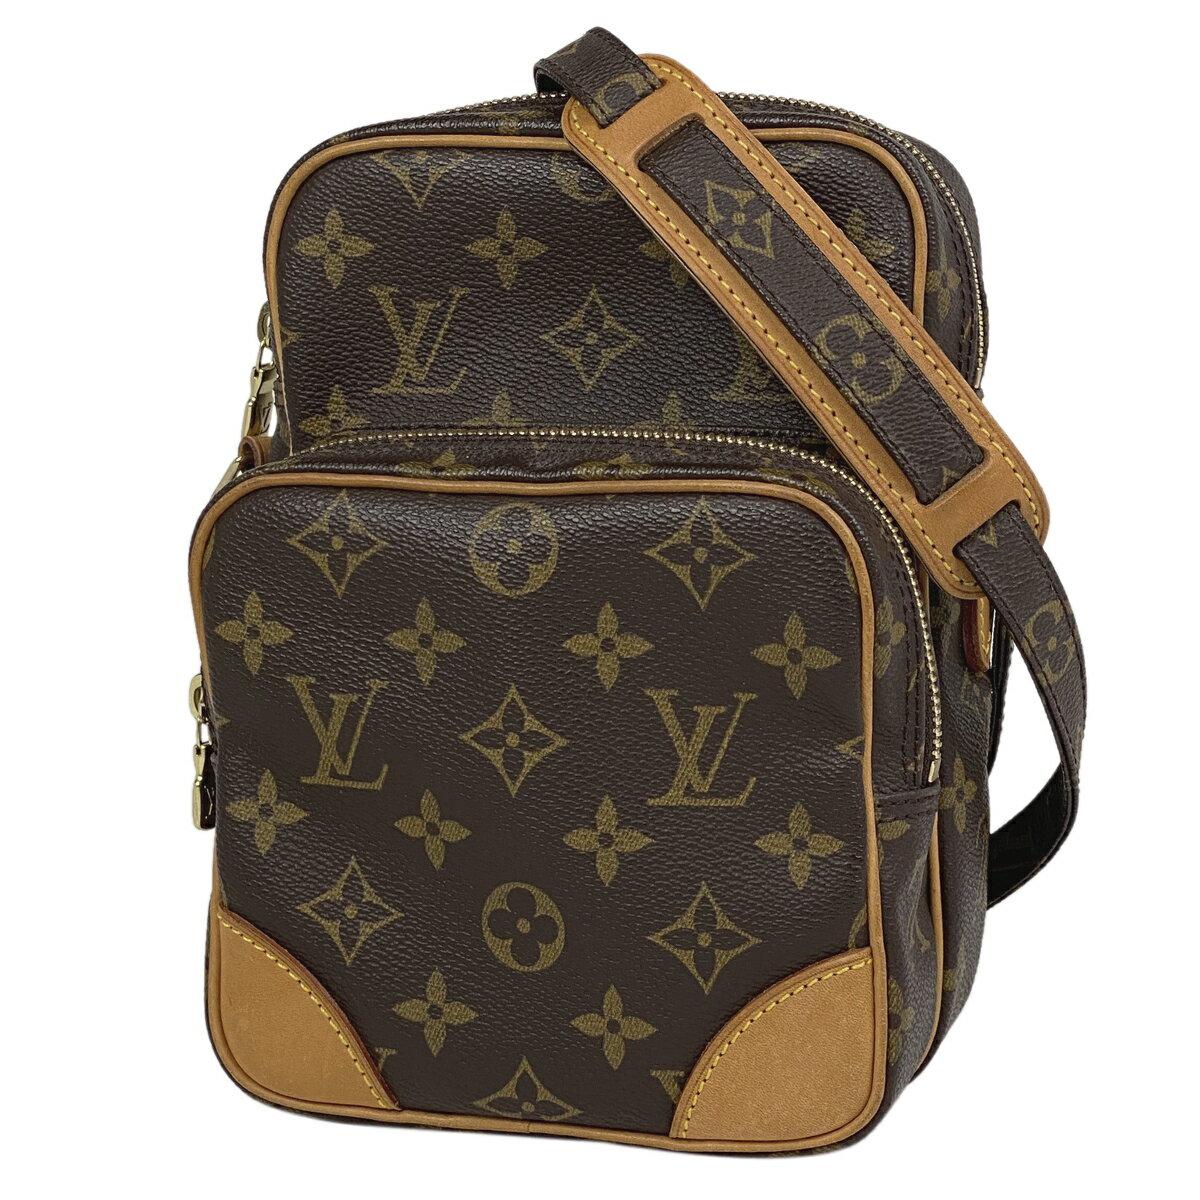 レディースバッグ, ショルダーバッグ・メッセンジャーバッグ  Louis Vuitton M45236